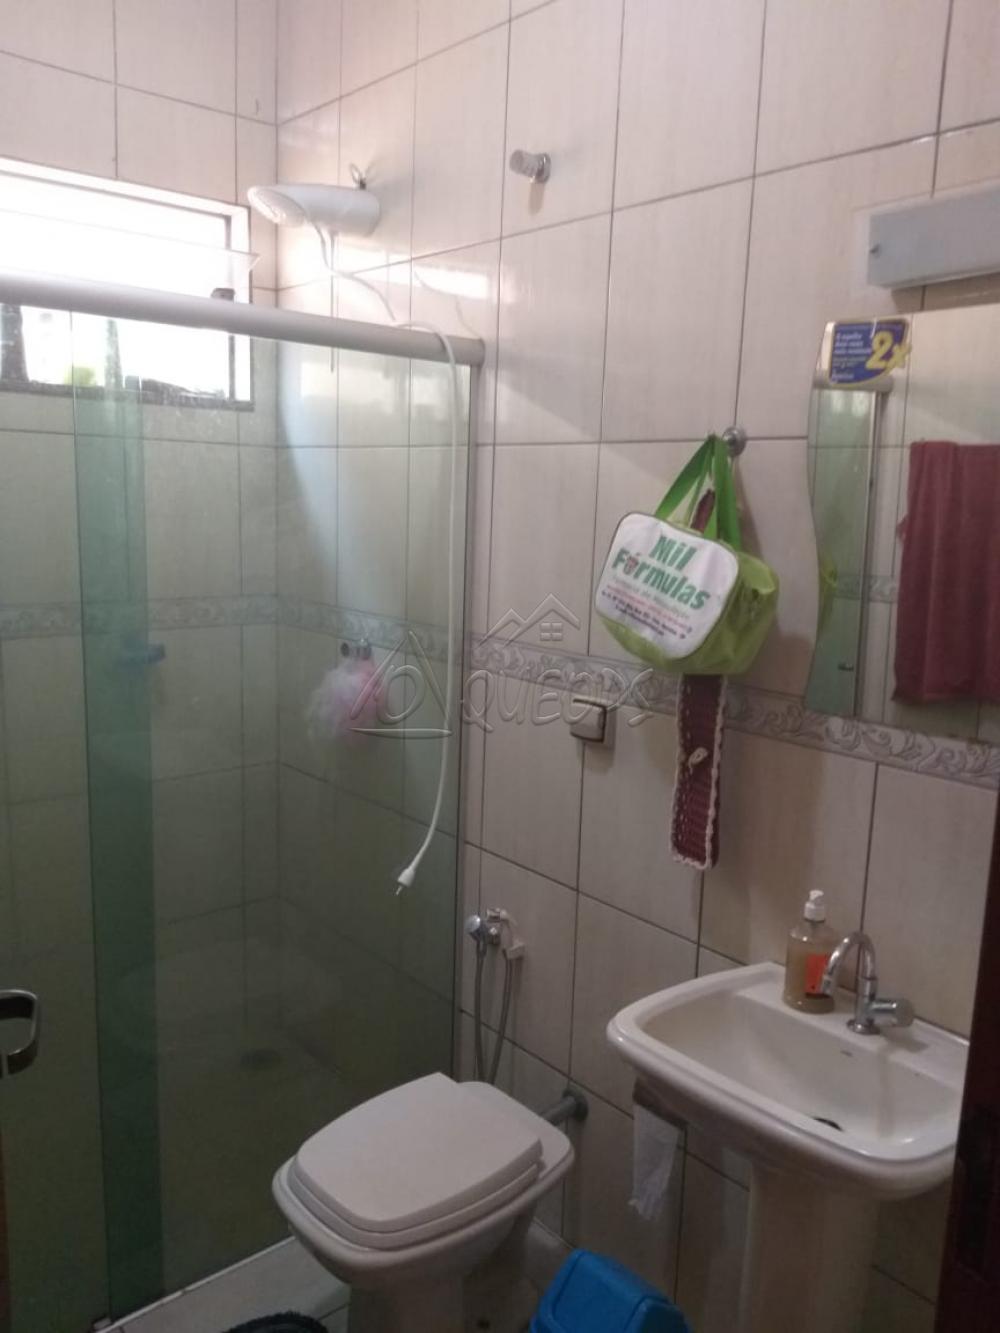 Comprar Casa / Padrão em Barretos apenas R$ 450.000,00 - Foto 9